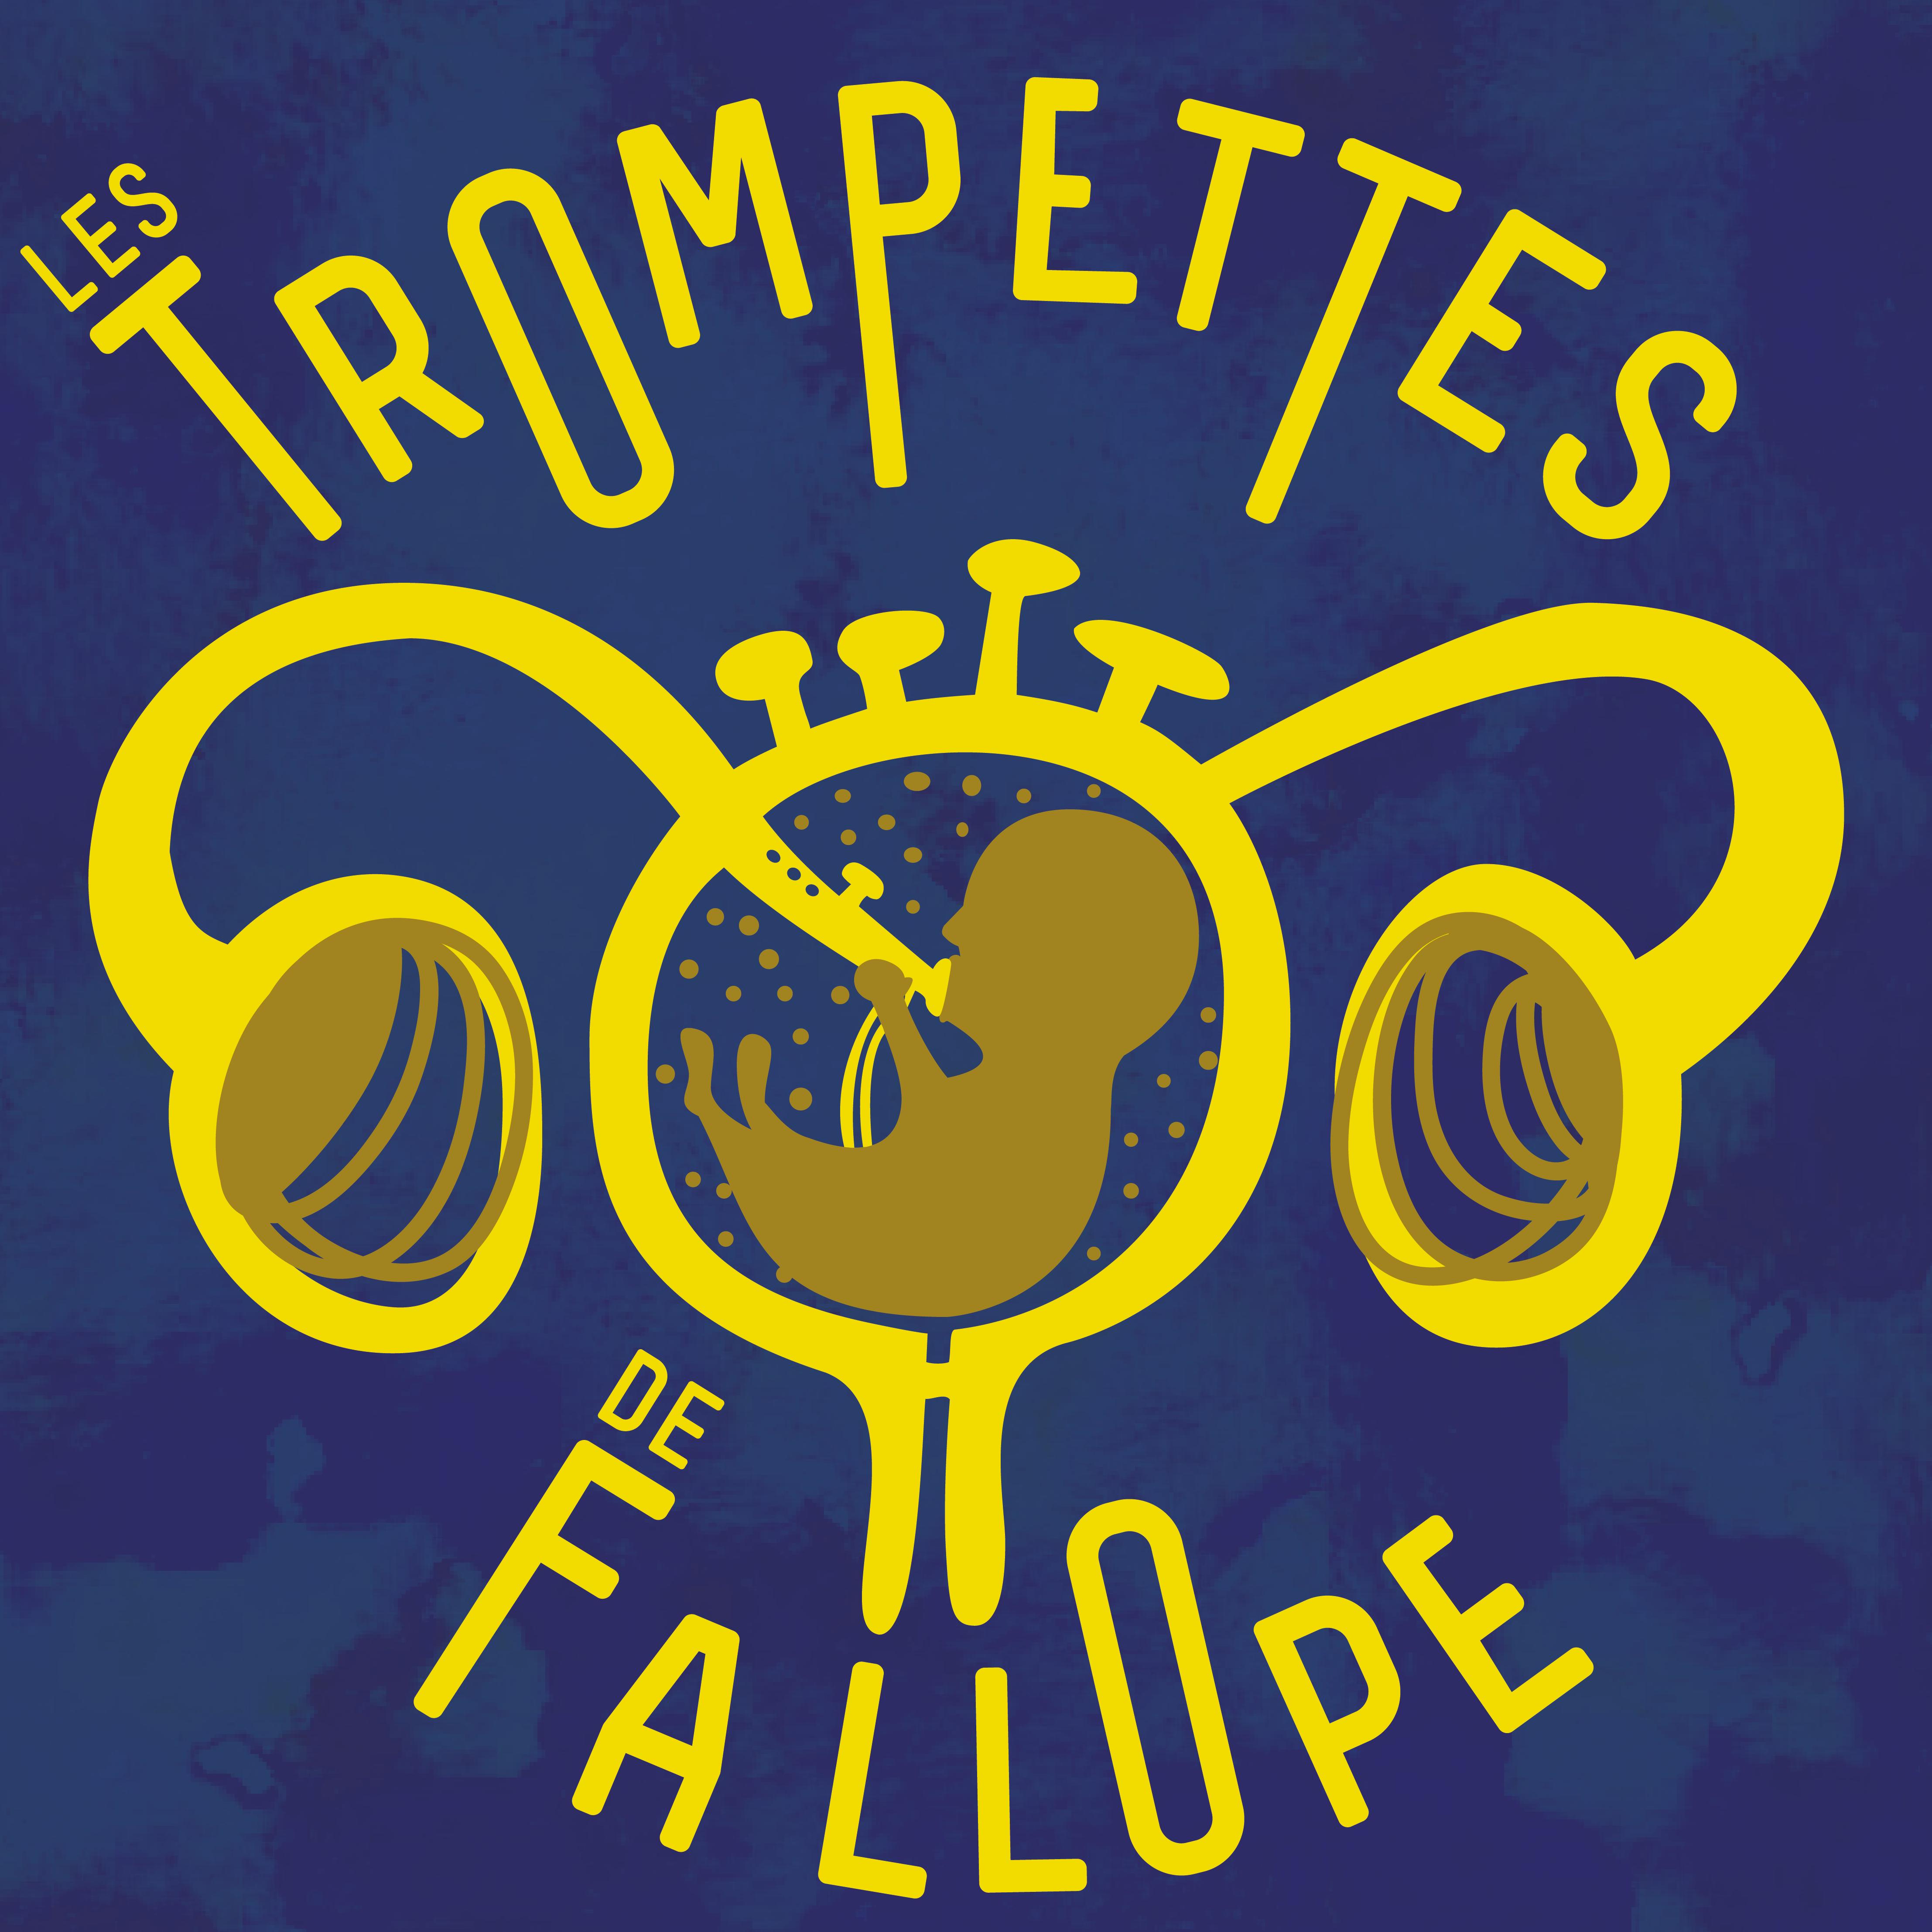 Les Trompettes de Fallope